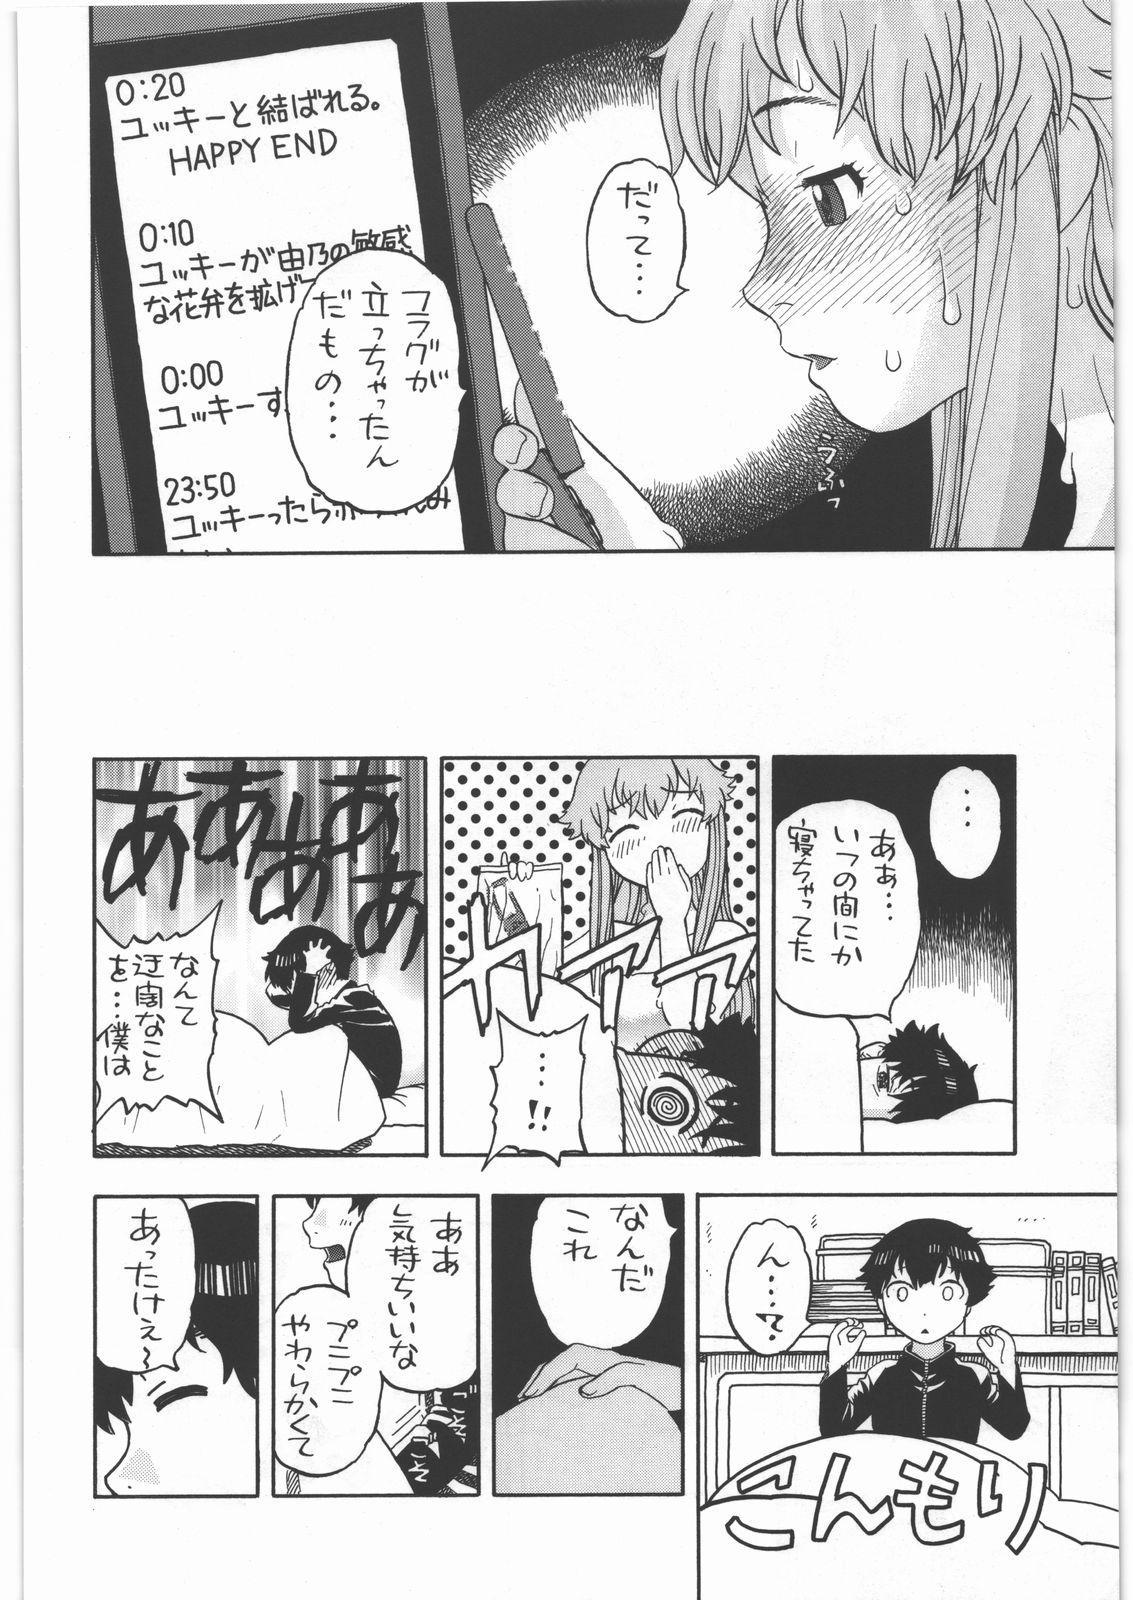 Yuno no Happy End Flag 6